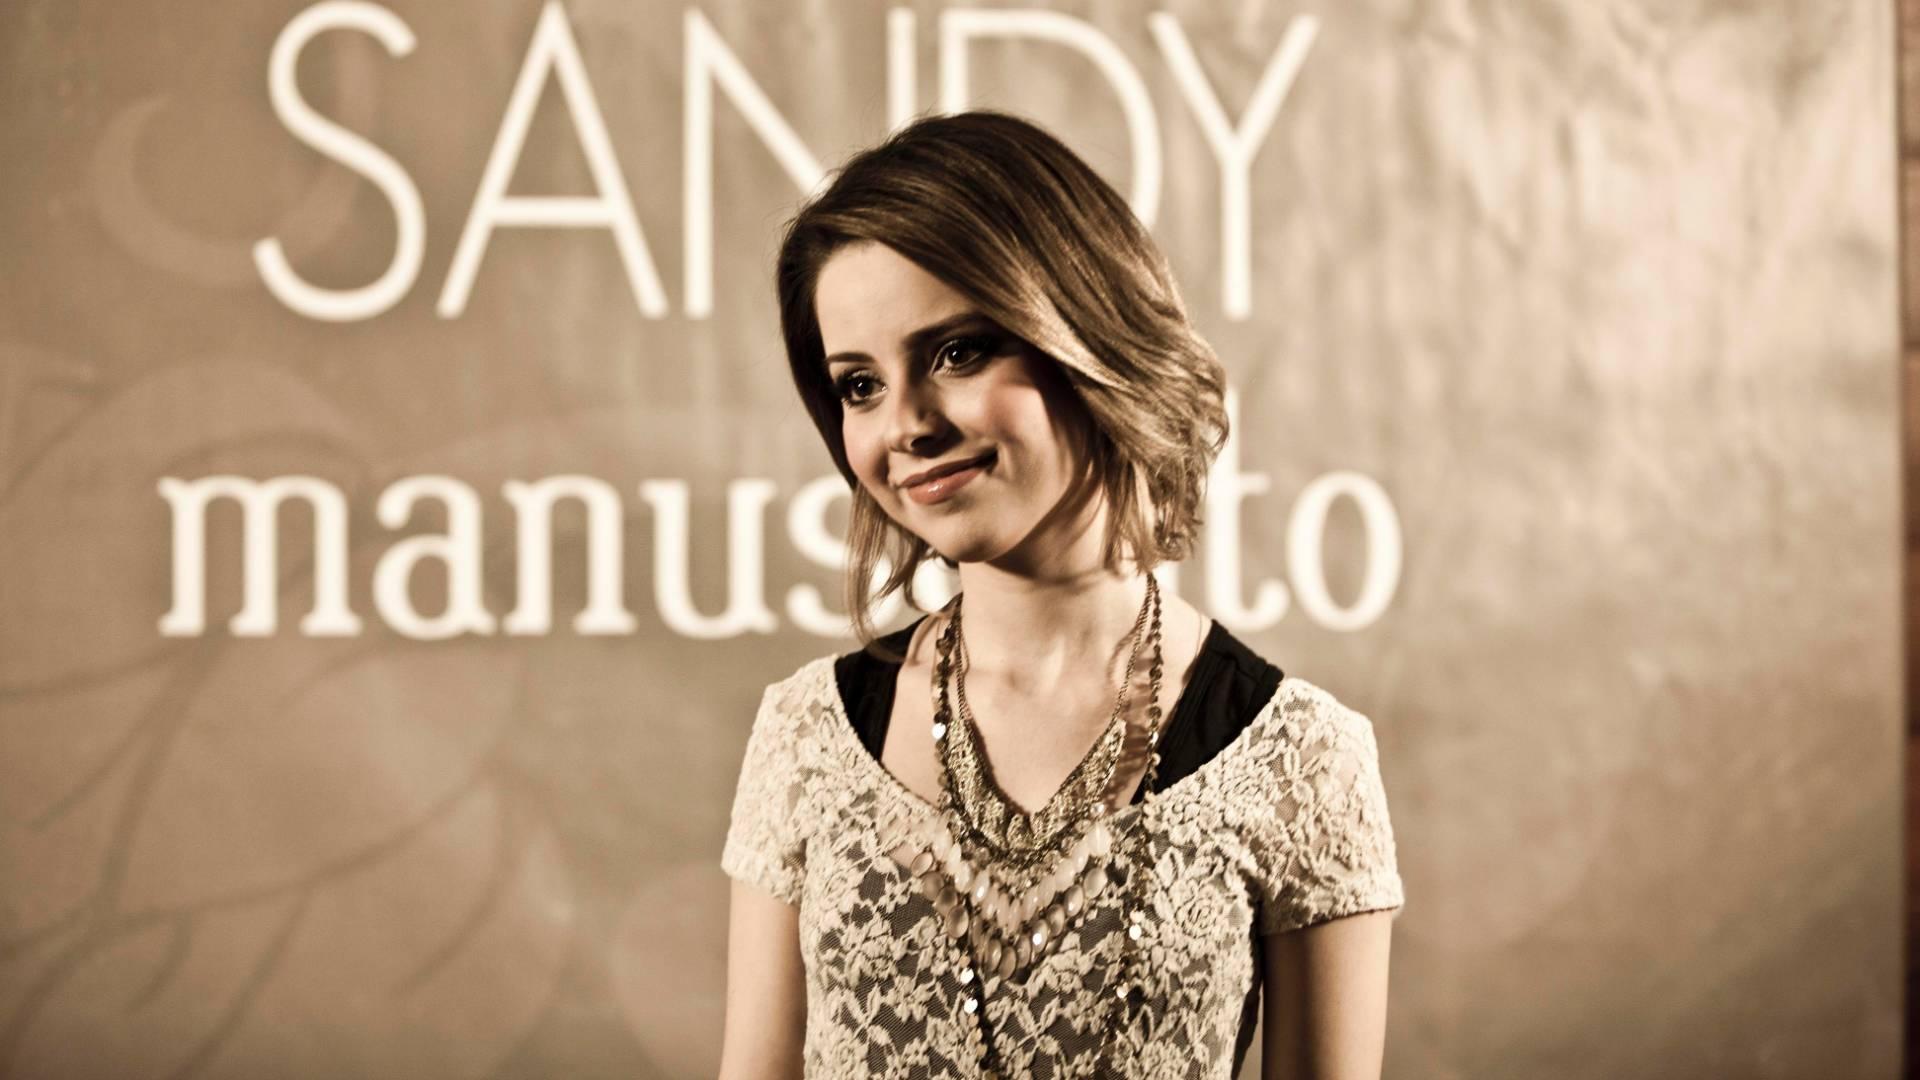 A cantora Sandy conversa com a imprensa antes do show de gravação de seu DVD